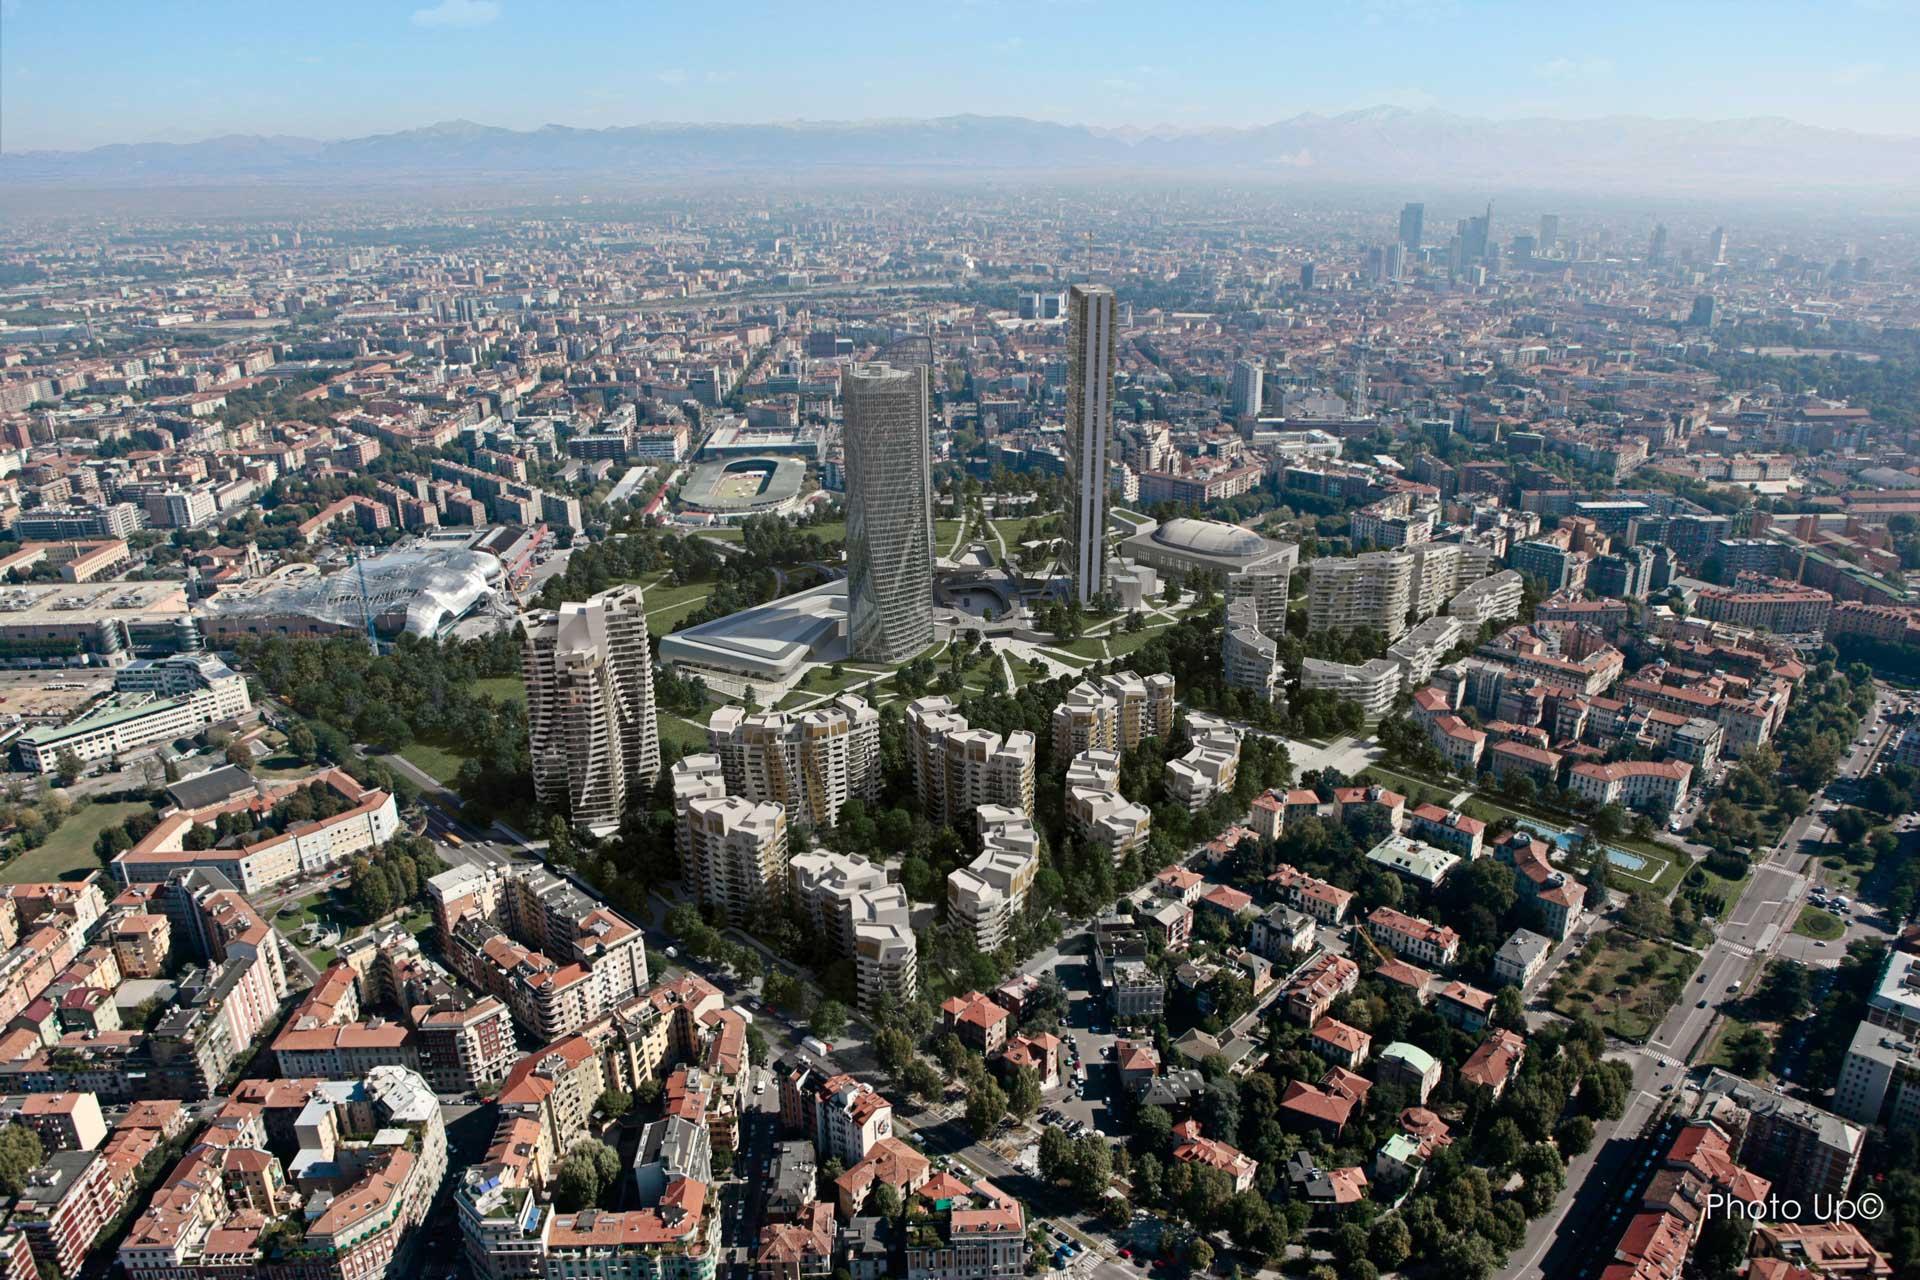 City Life Milano / Un Complejo Residencial de Zaha Hadid 10